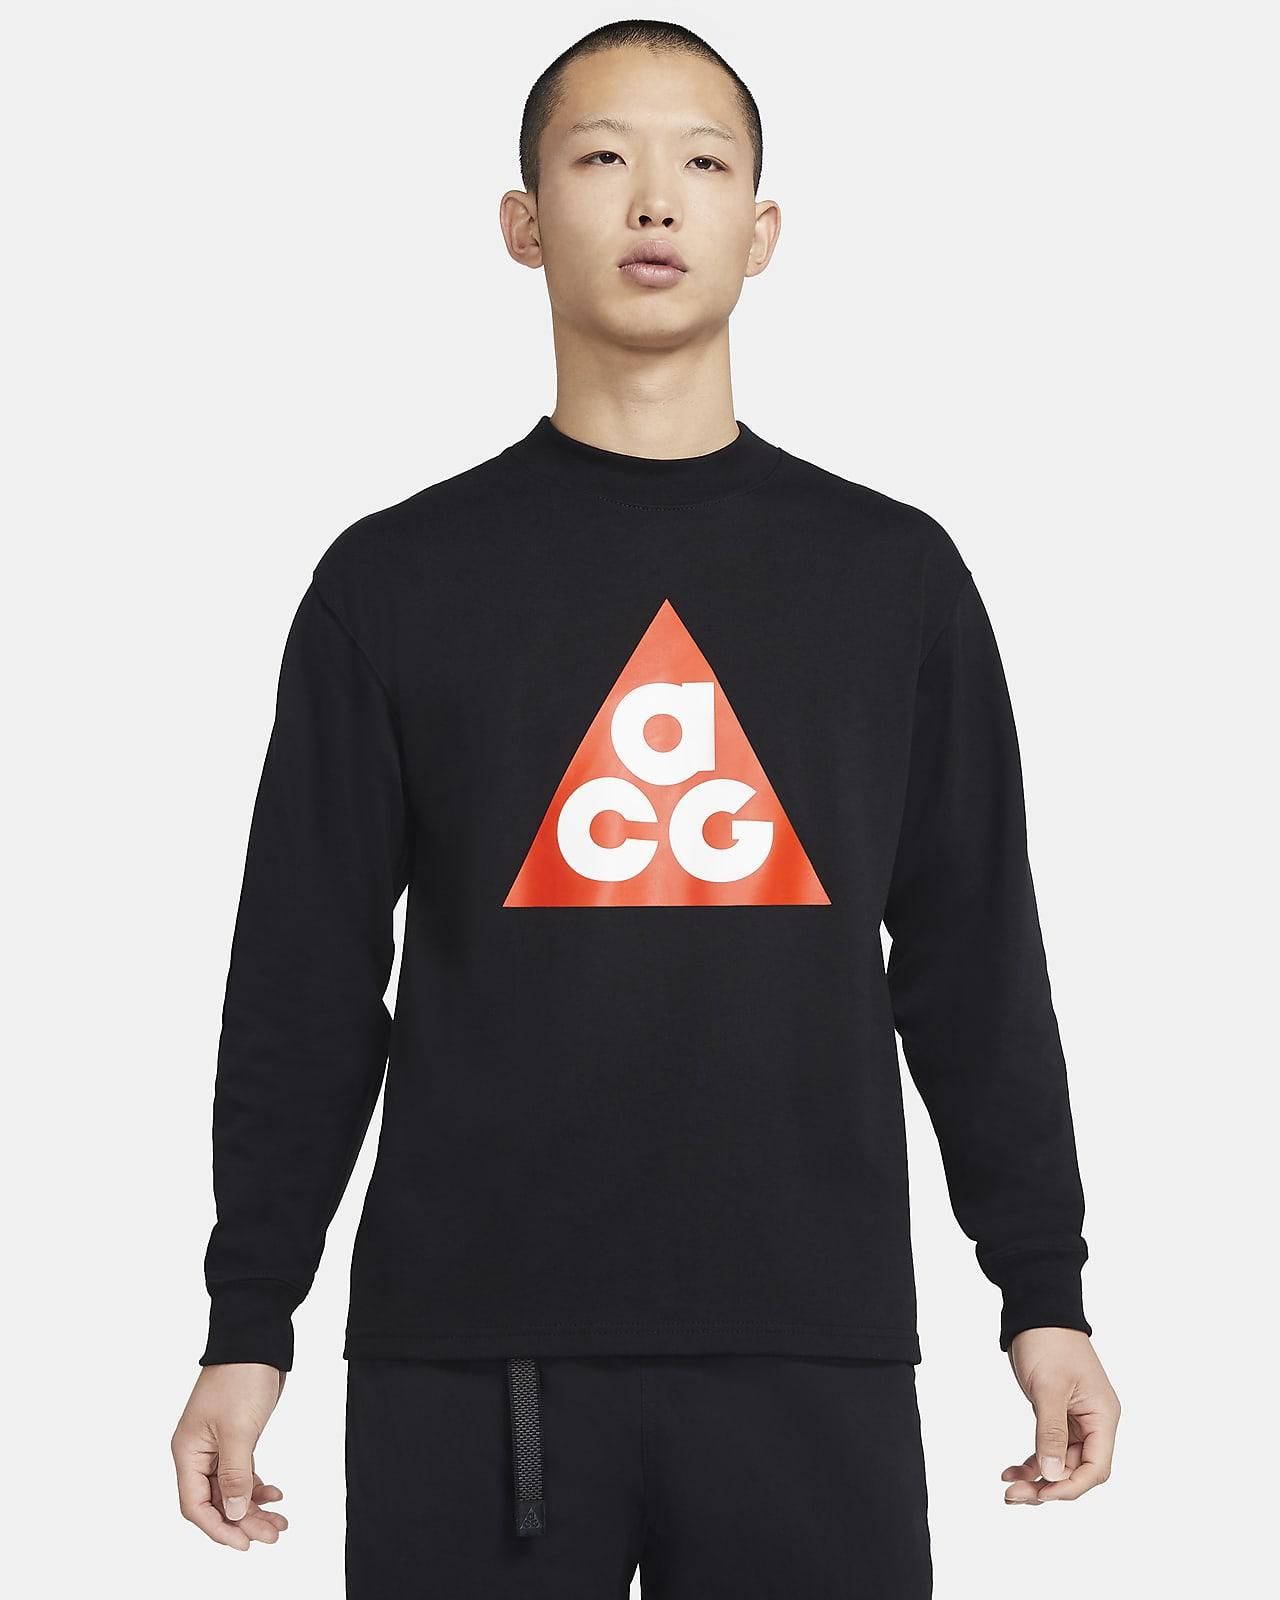 เสื้อยืดแขนยาวผู้ชาย Nike ACG